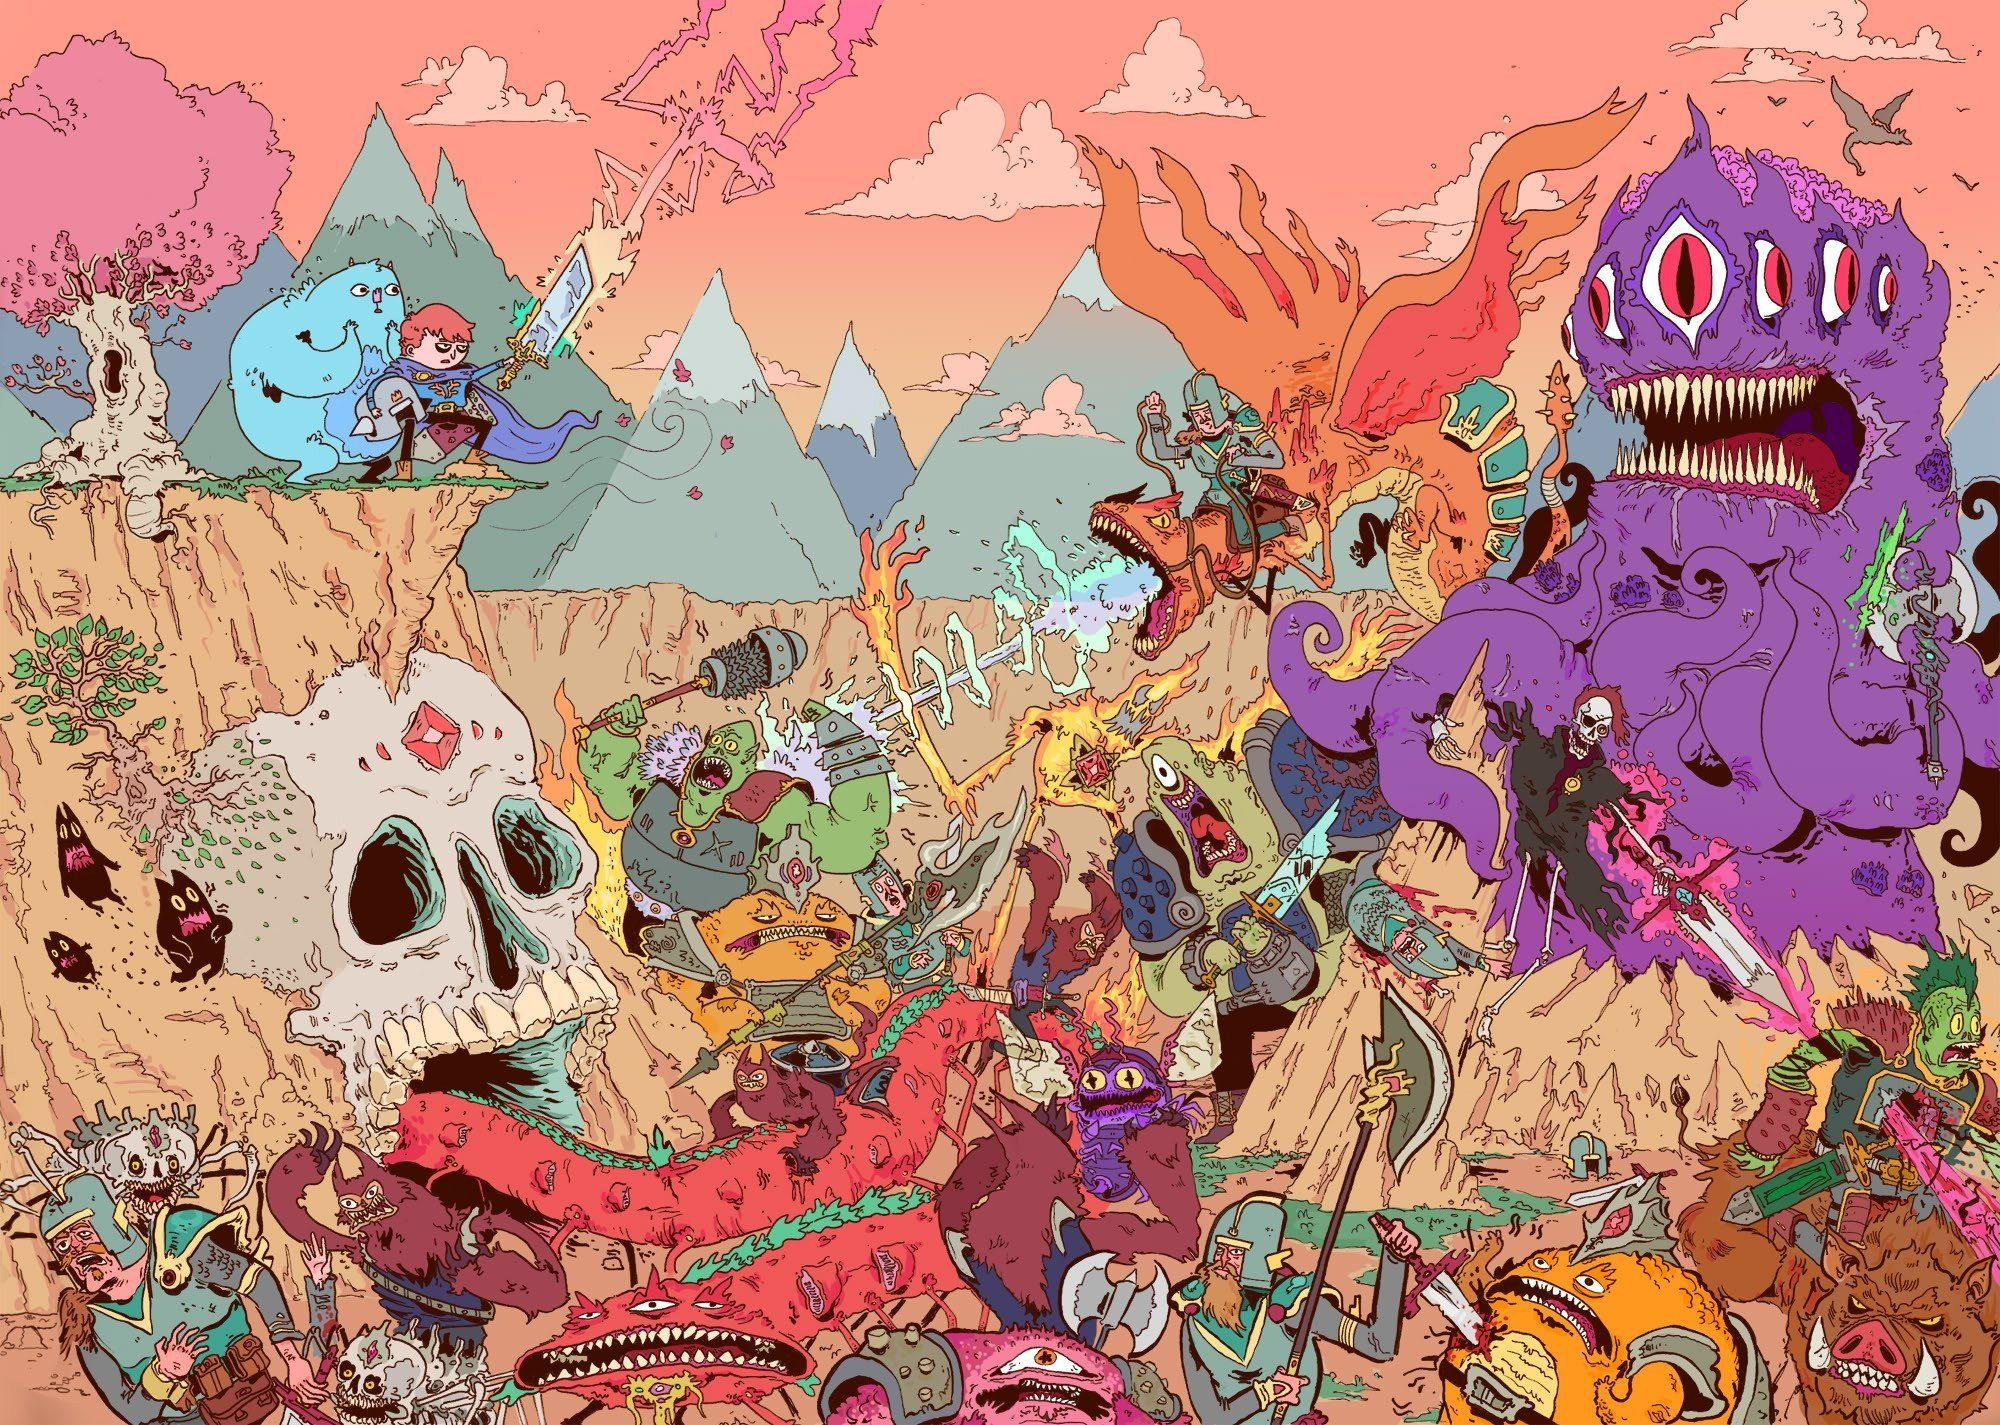 Lsd Cartoon Wallpapers Top Free Lsd Cartoon Backgrounds